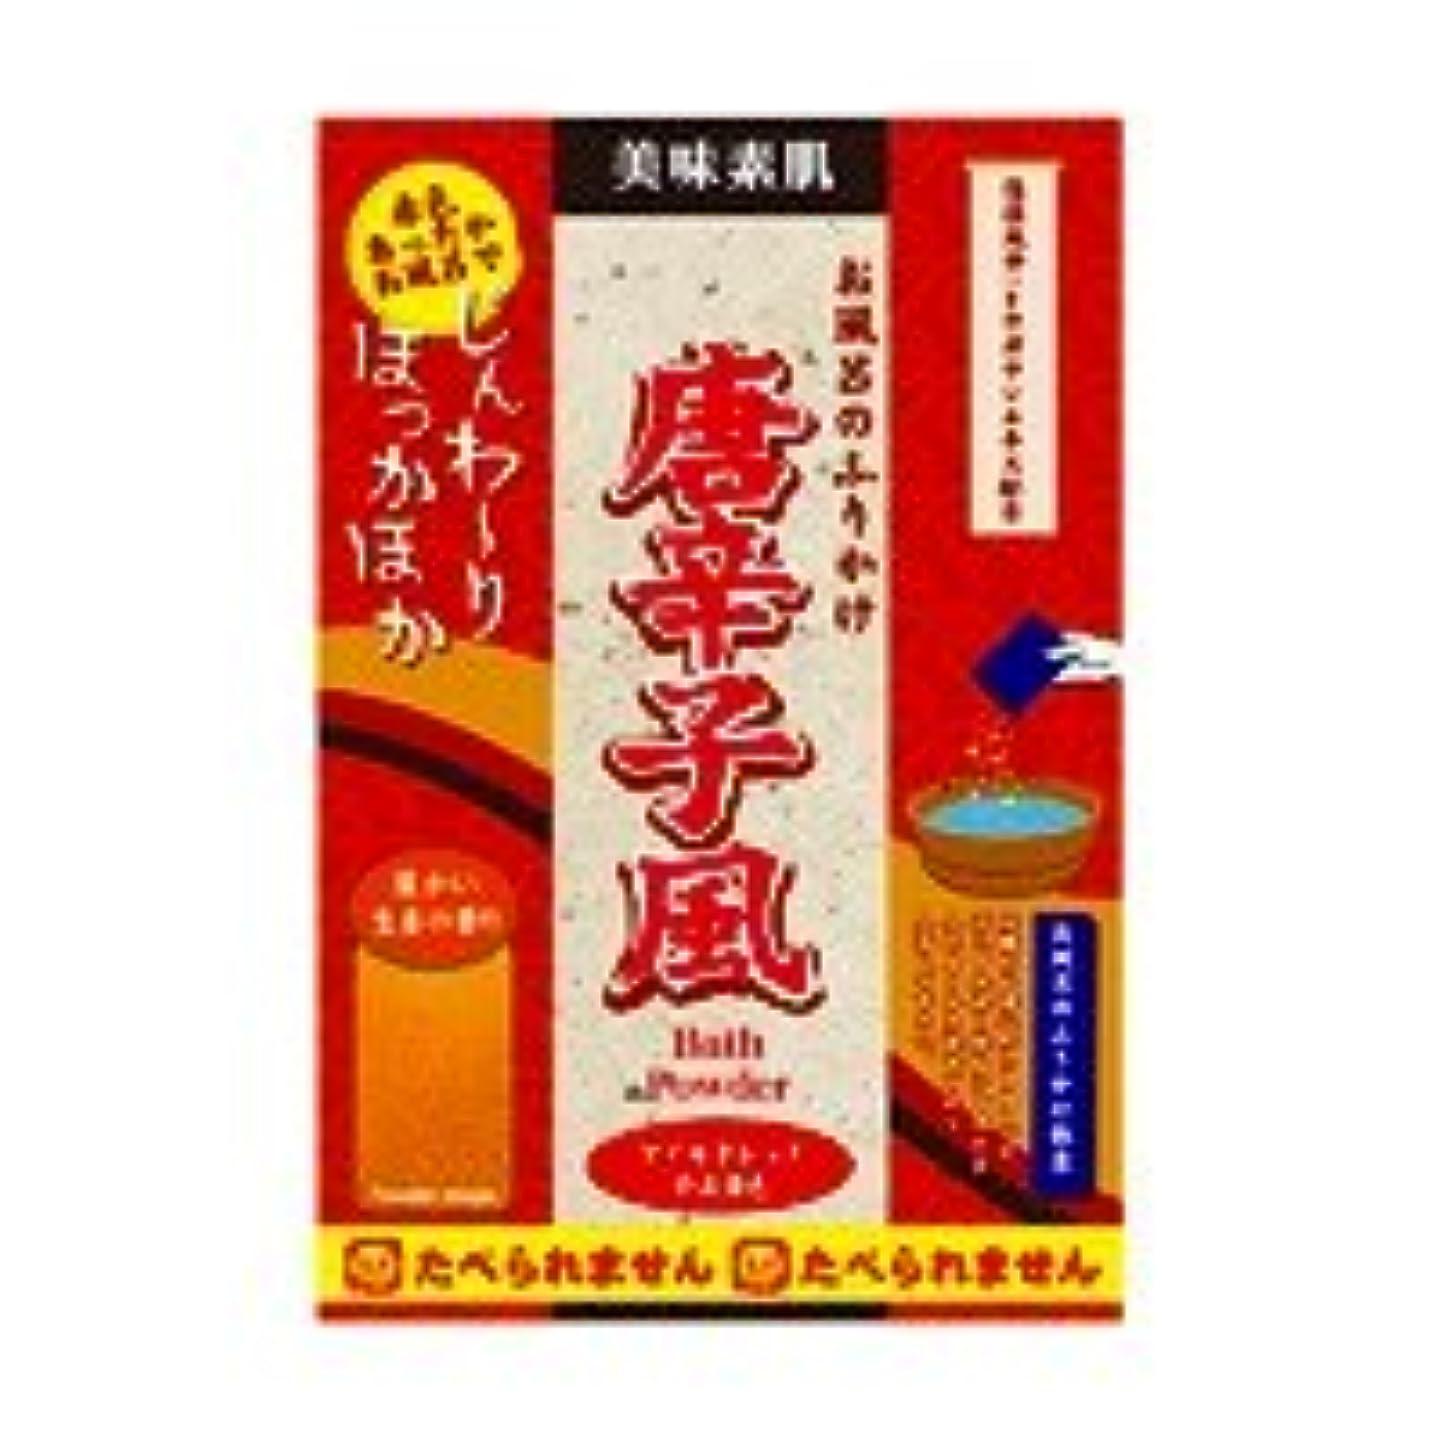 気晴らしクリップ蝶プーノお風呂のふりかけ「トウガラシ」12個セット マイルドレッドのお湯 温かい生姜の香り